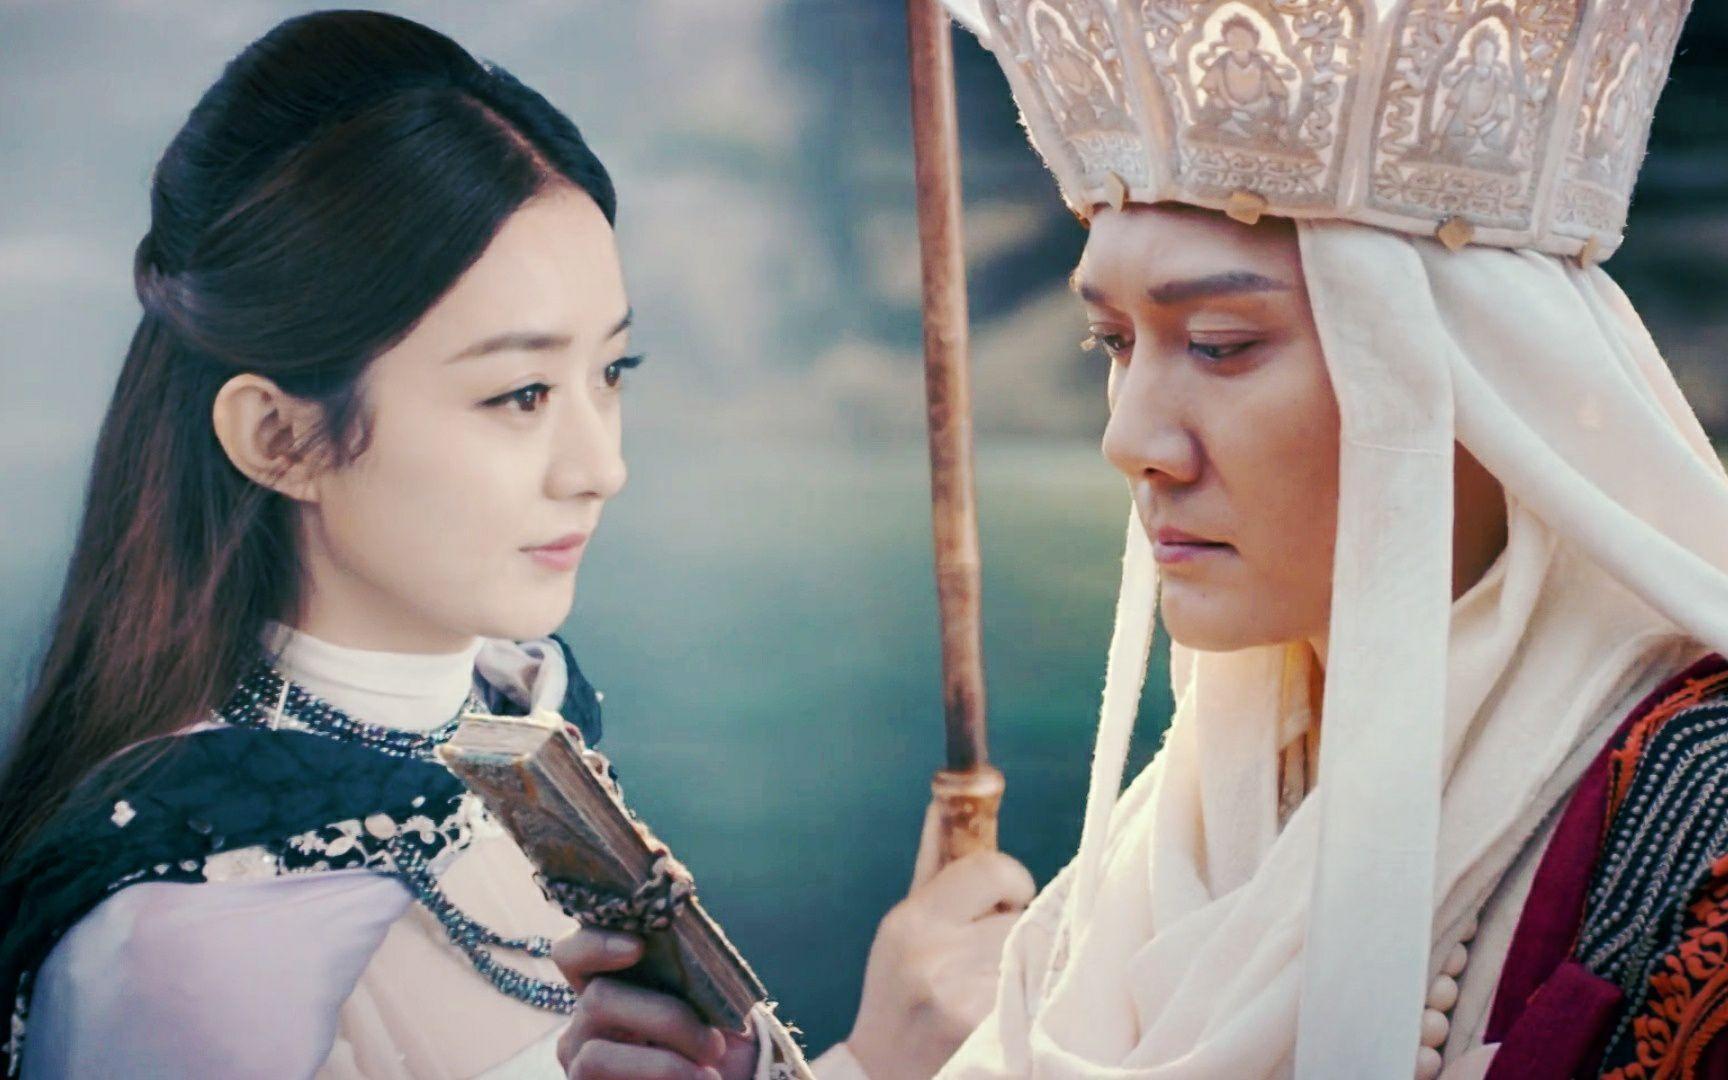 赵丽颖冯绍峰共同出游破婚变传闻,两个人感情甜蜜如初